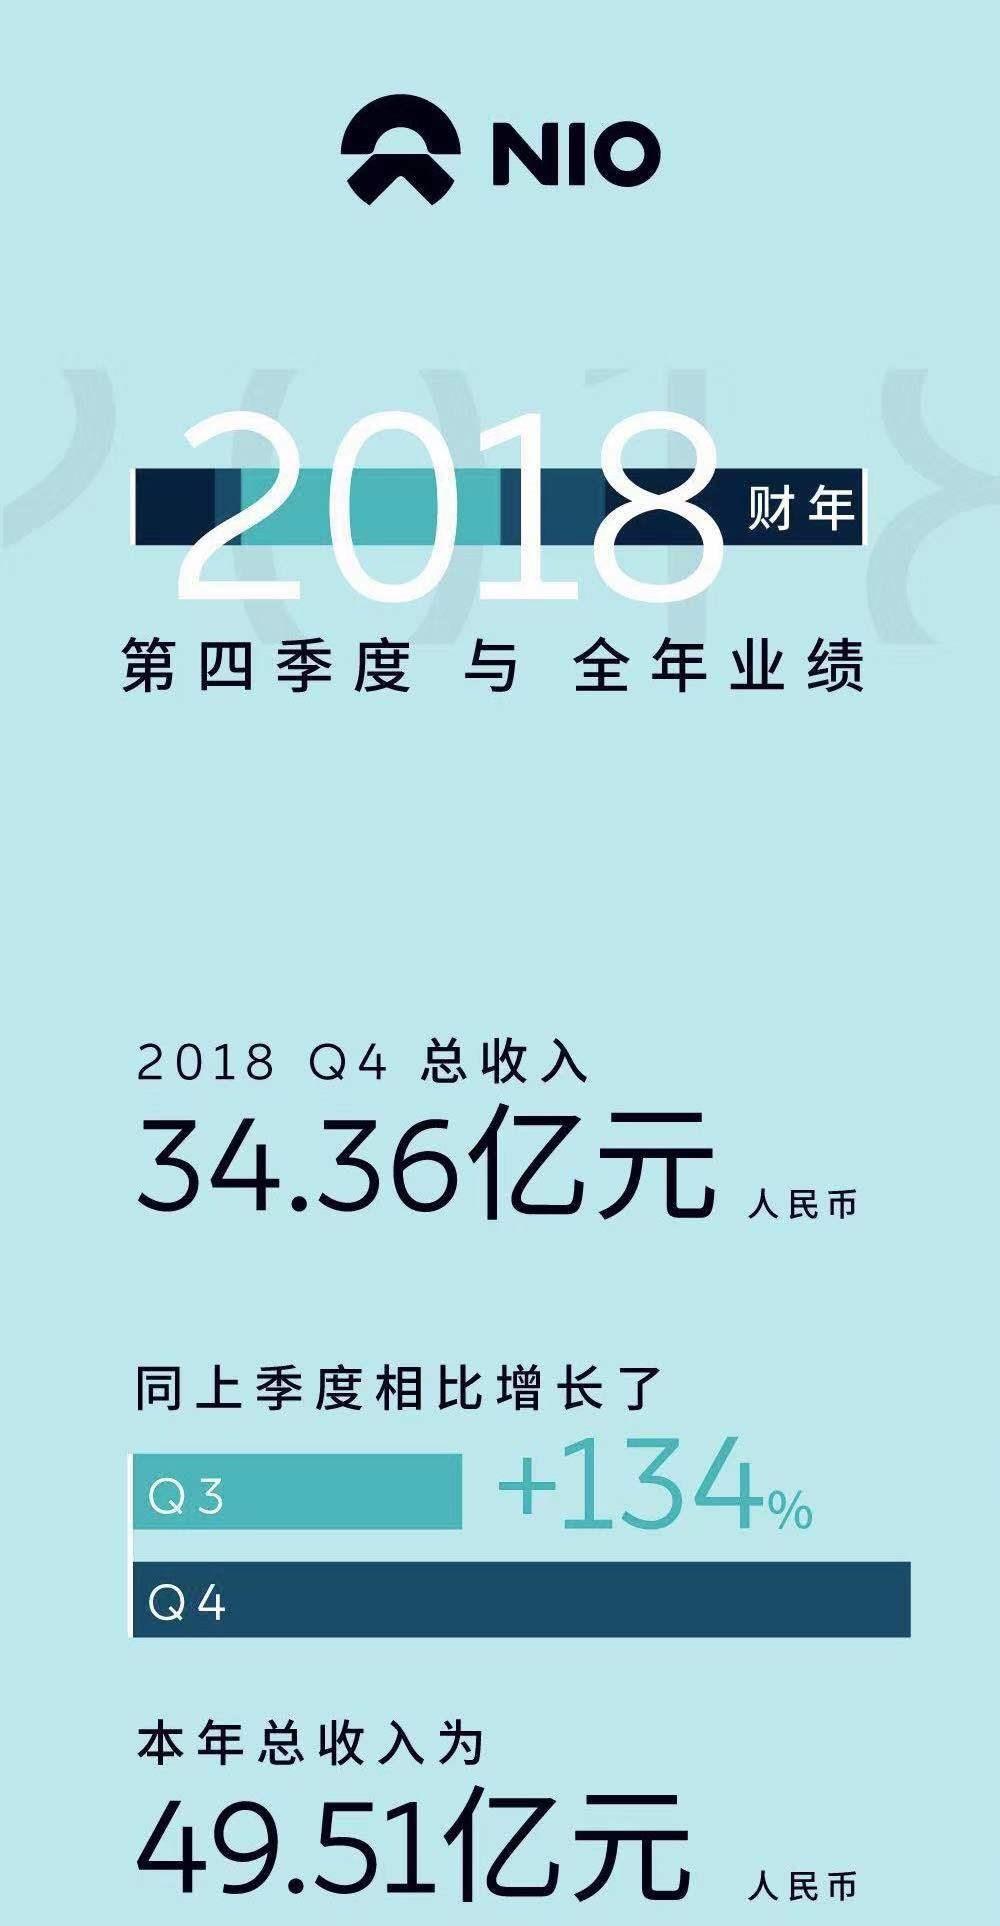 蔚来首份年报发布:2018 Q4毛利率环比增105% | 汽车产经